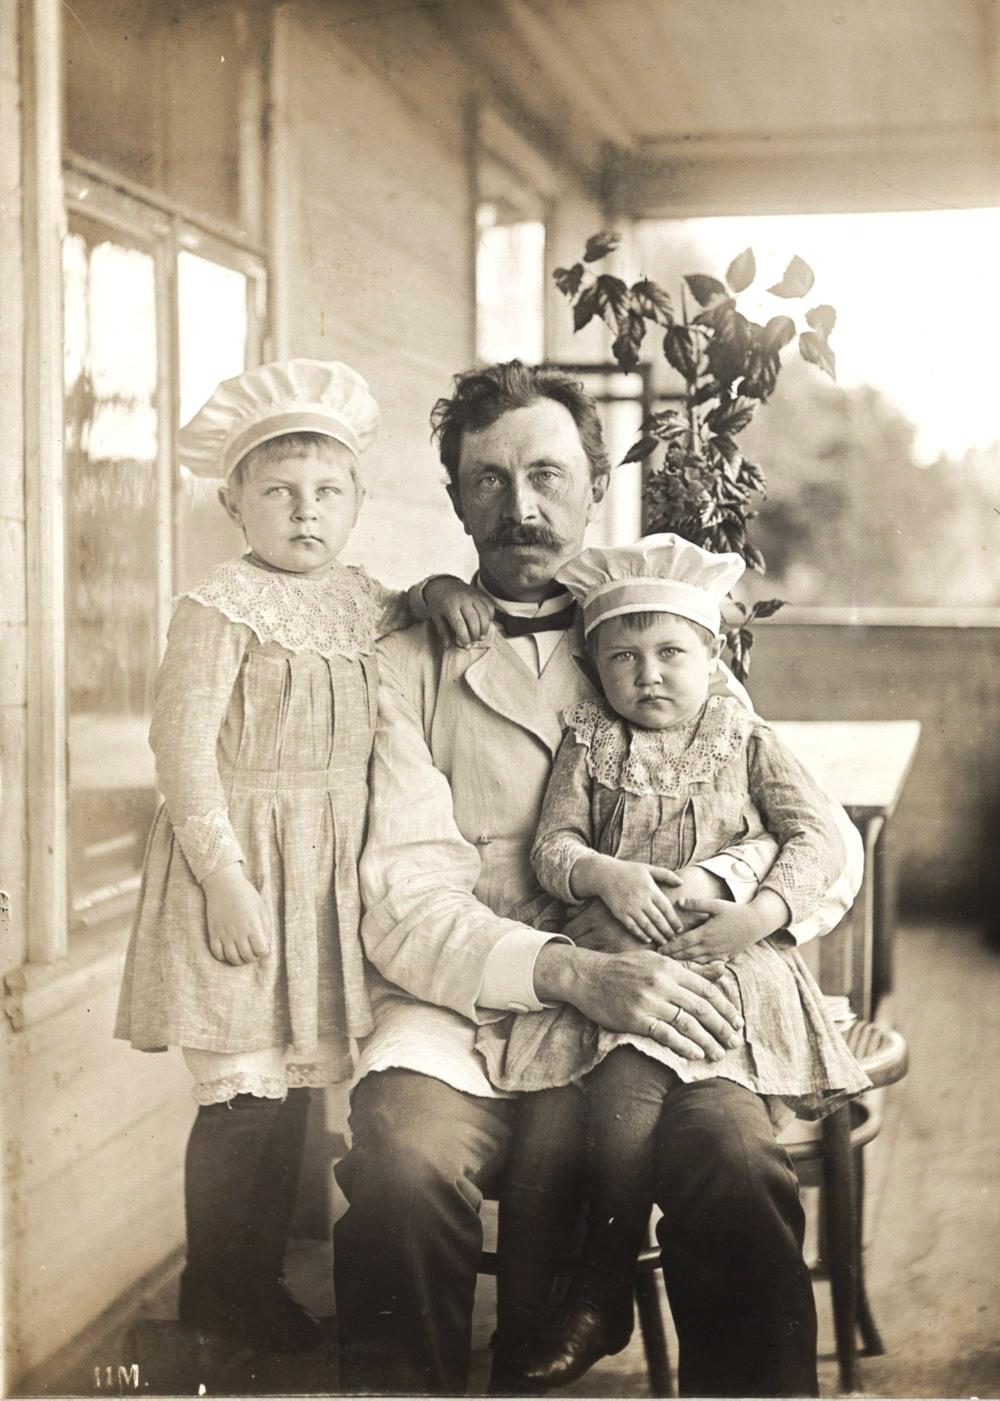 Портрет Петра Петровича Мяздрикова, брата И.П. Мяздрикова, с племянницами. 1896